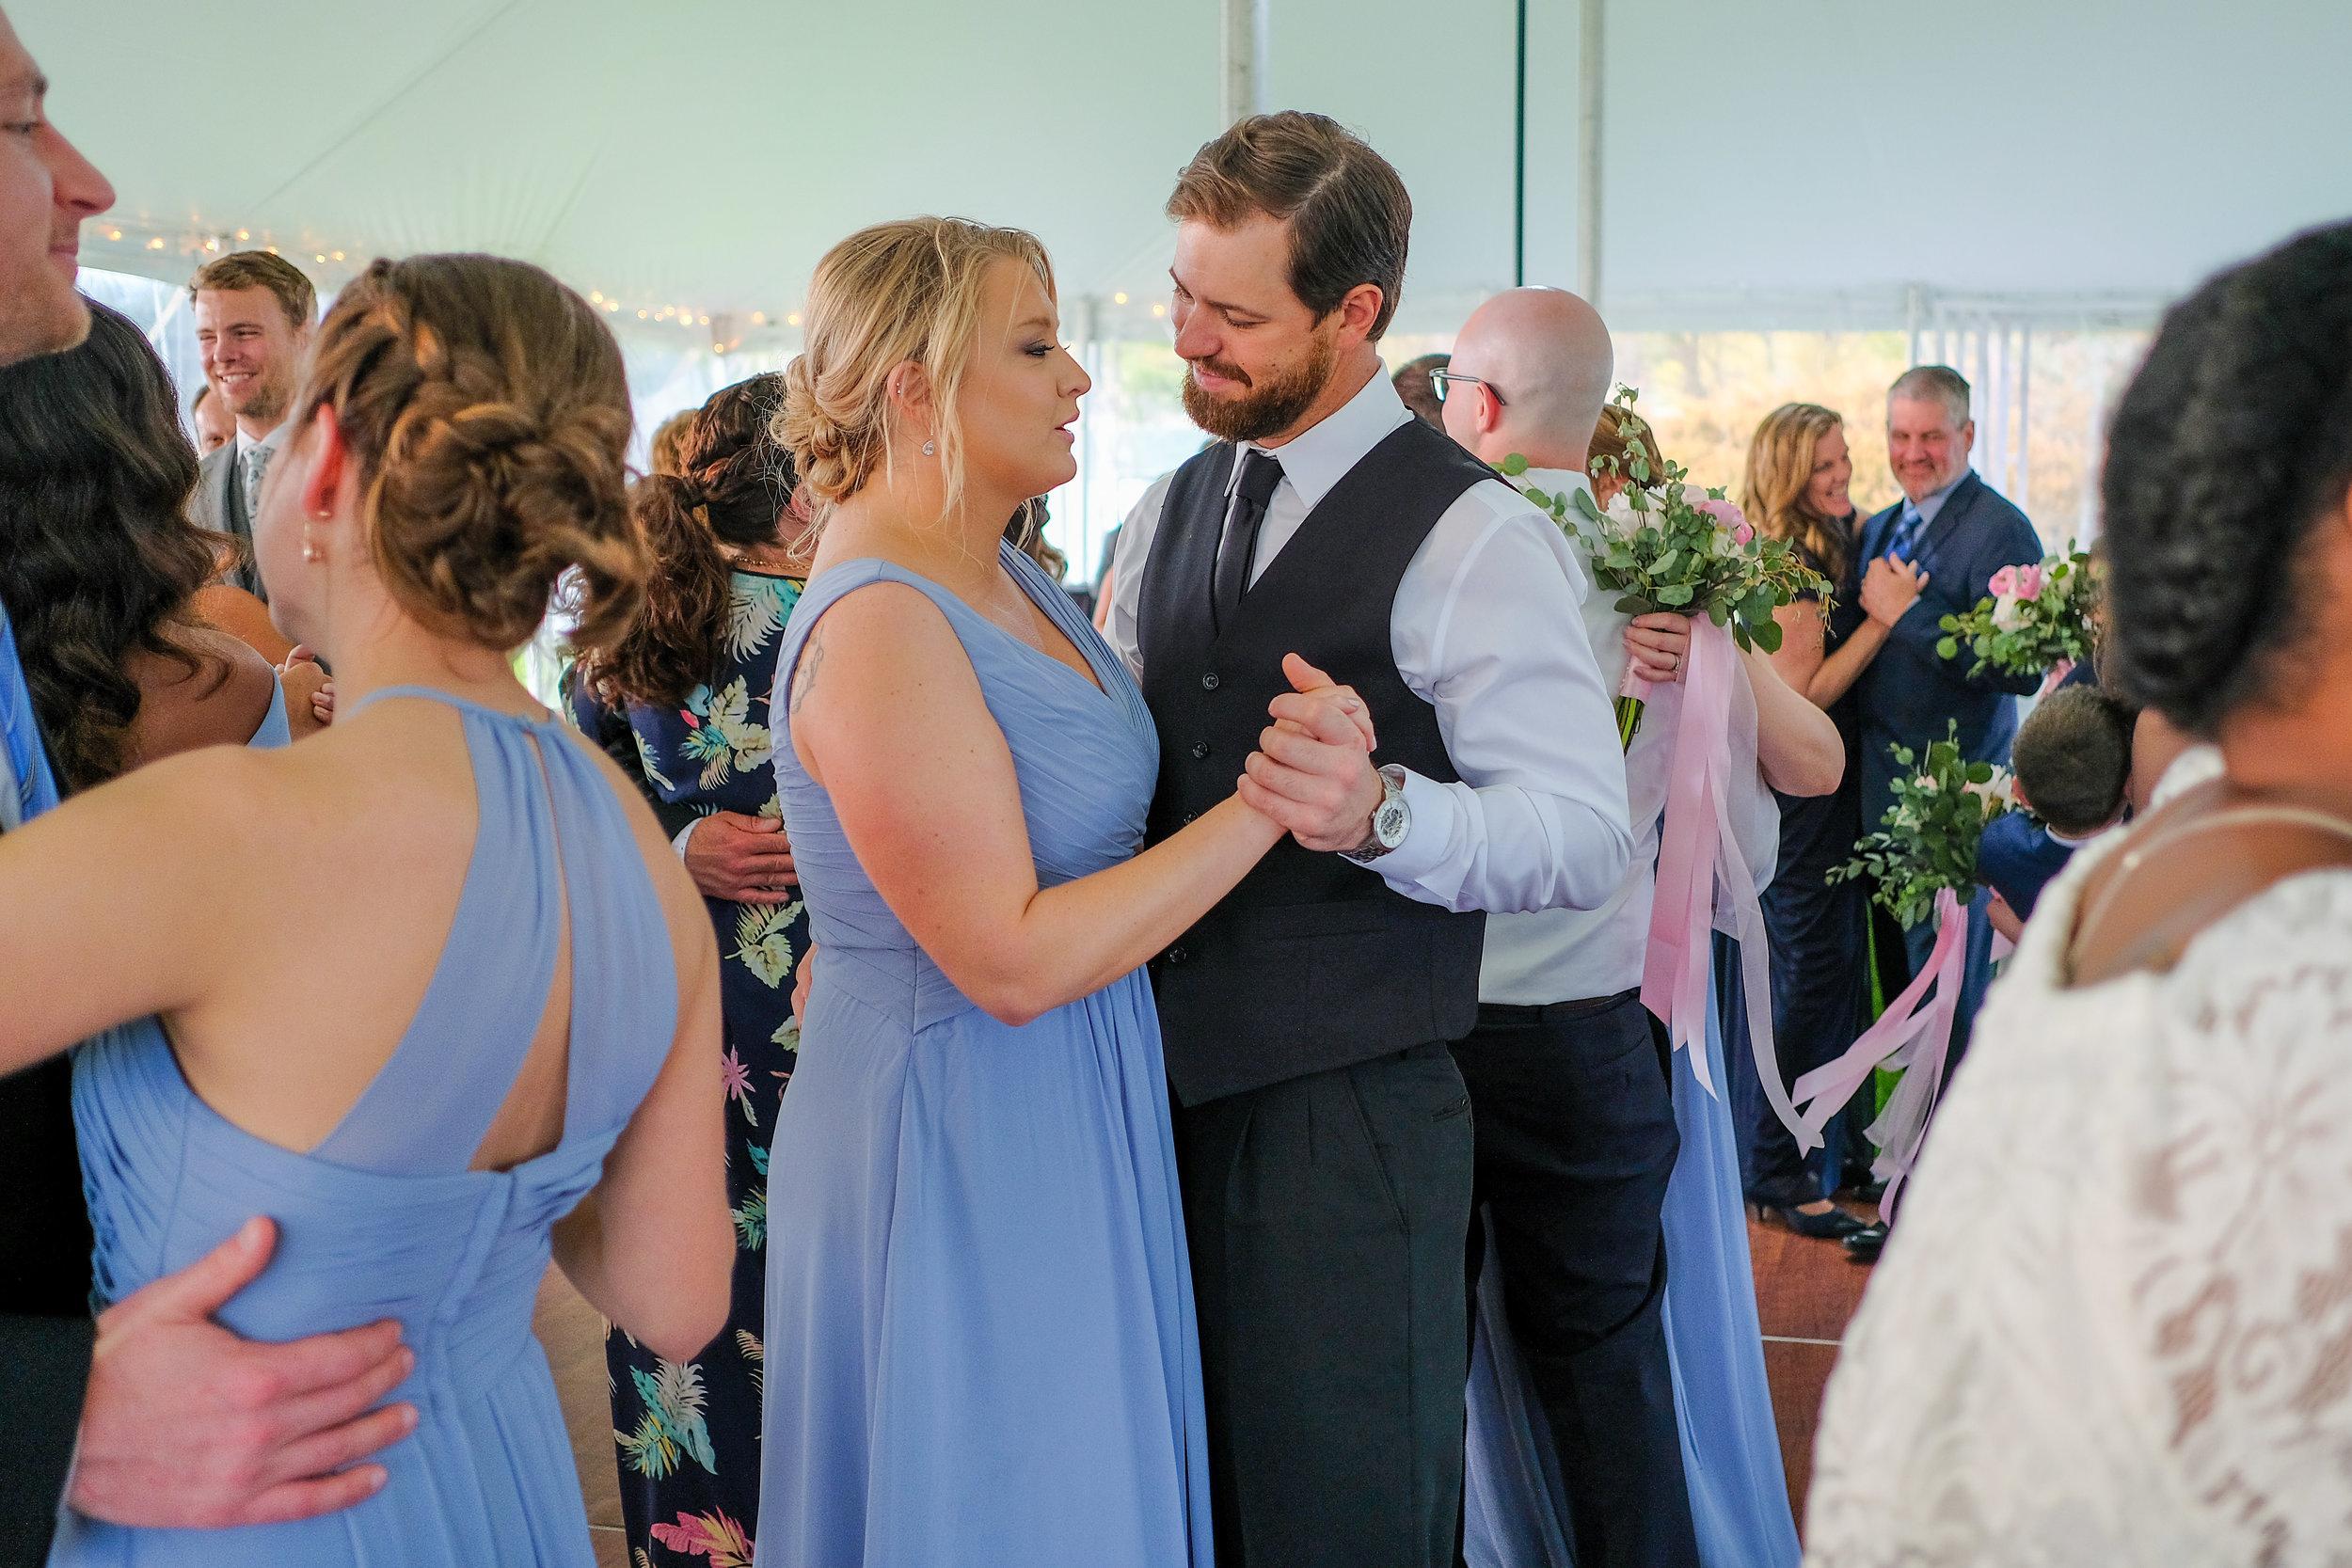 laconia-margate-wedding-photography-595.jpg